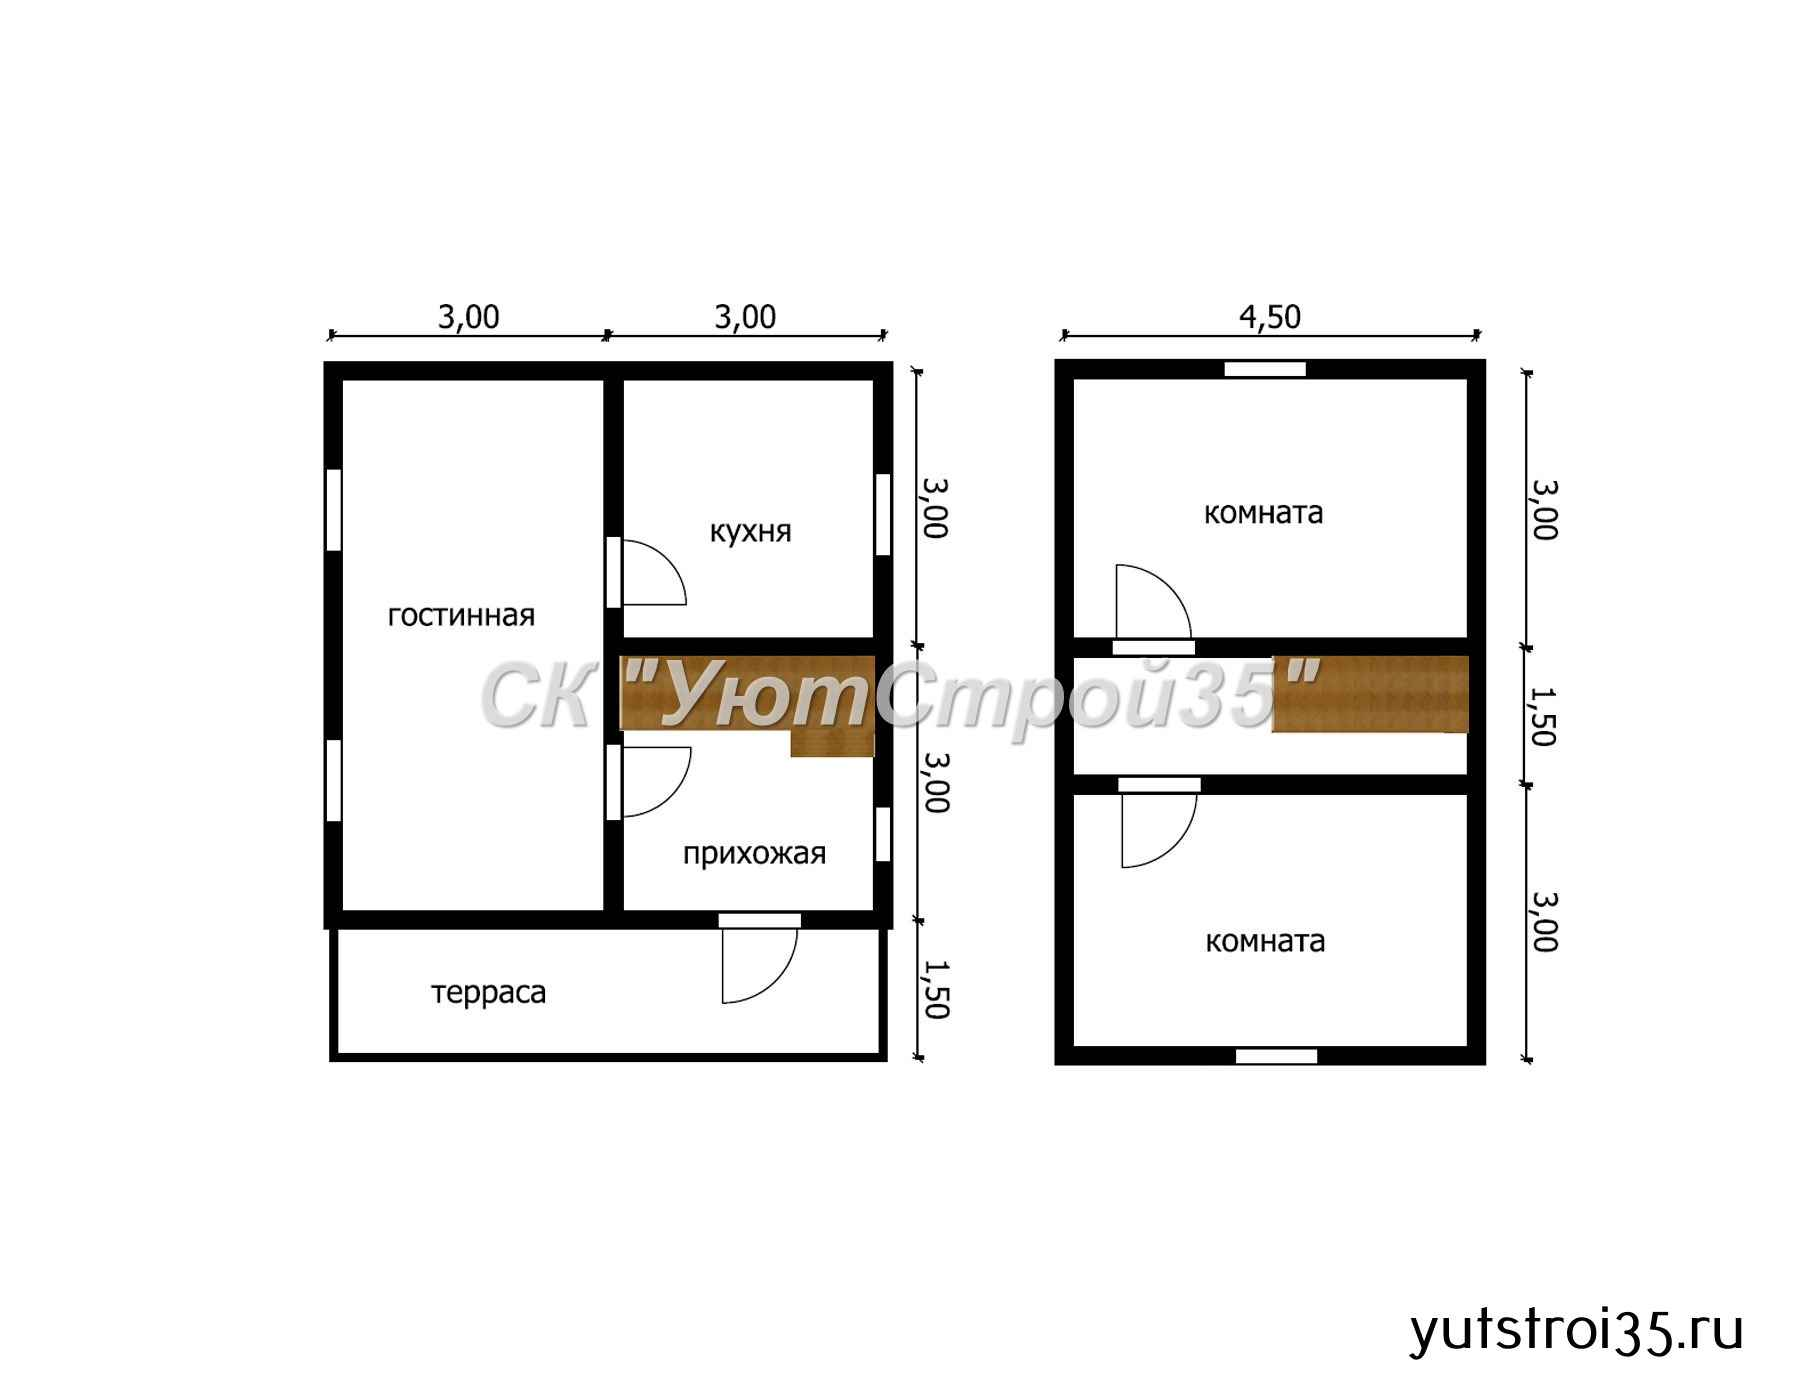 Каркасный дом 6х7.5 м под ключ К14